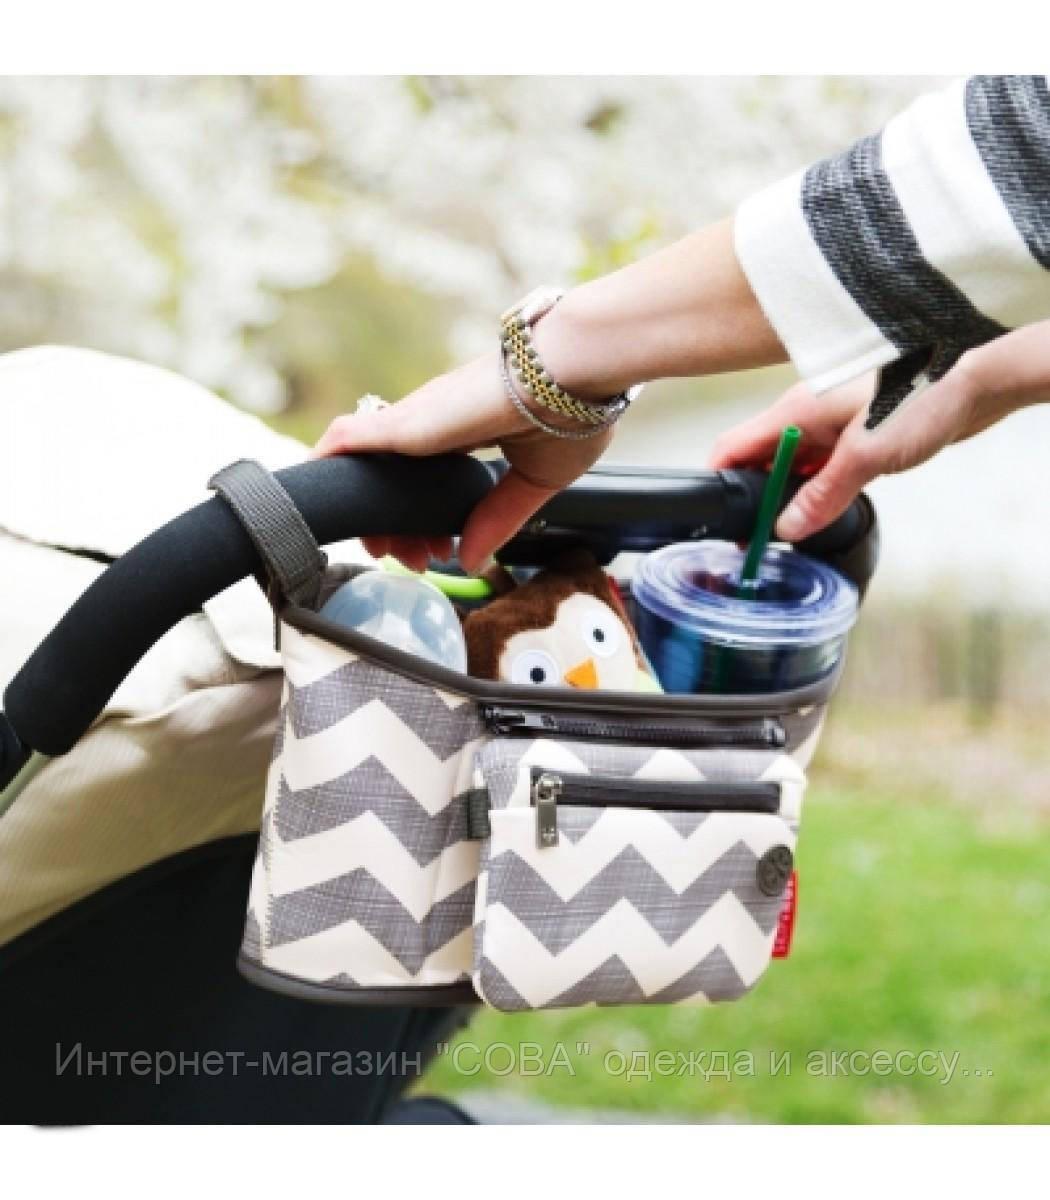 """Cумка чехол для коляски 1001935, сумку для коляски, сумку коляски интернет, сумка для коляски в интернет магазине, сумка для детской коляски, сумки - Интернет-магазин """"СОВА"""" одежда и аксессуары для детей и взрослых в Харькове"""